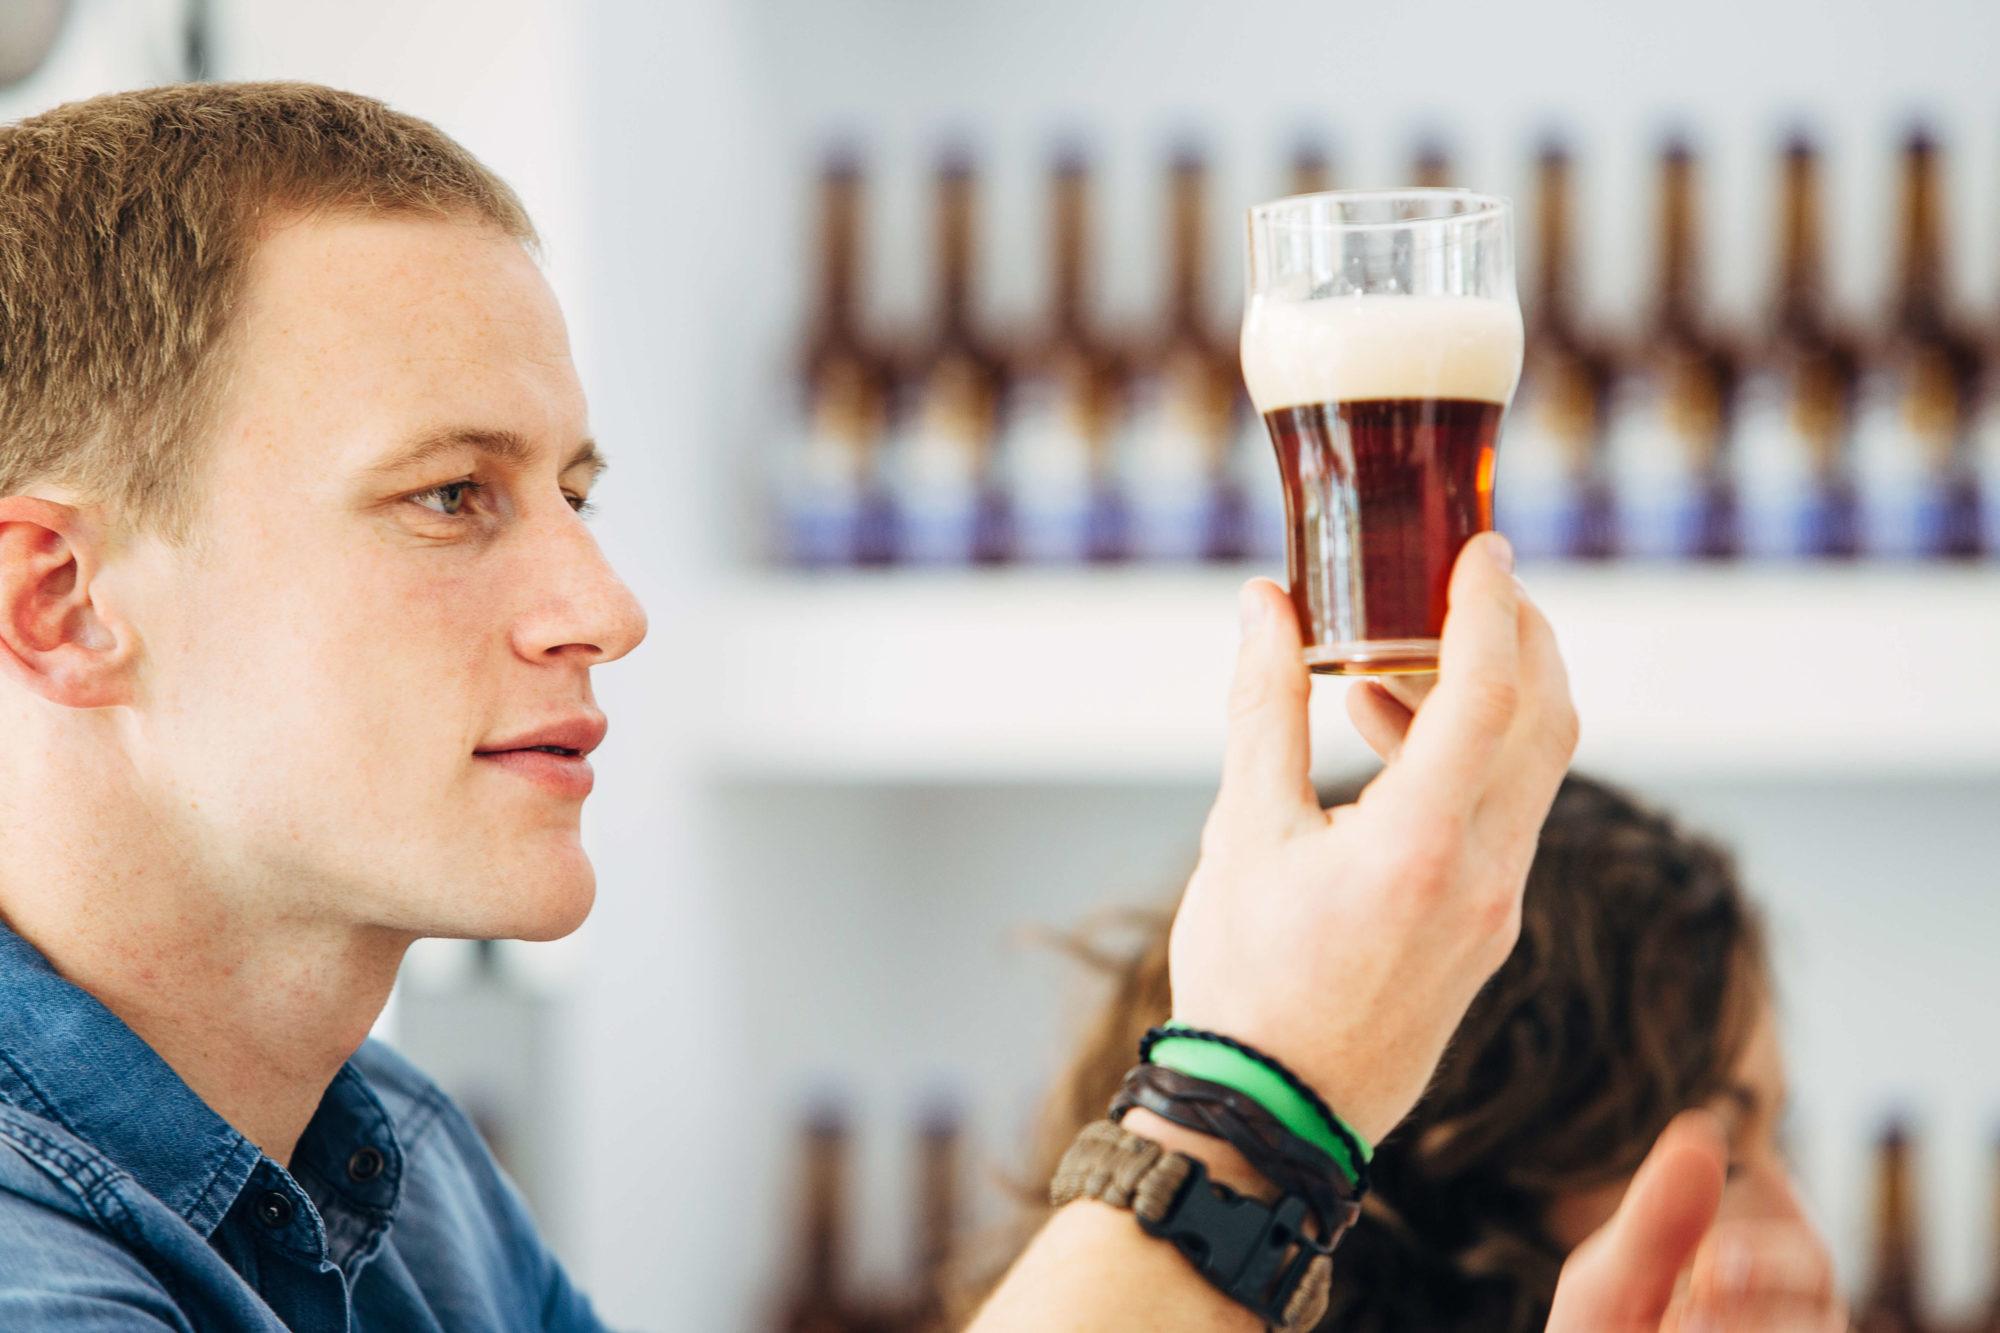 ビールを審査している写真